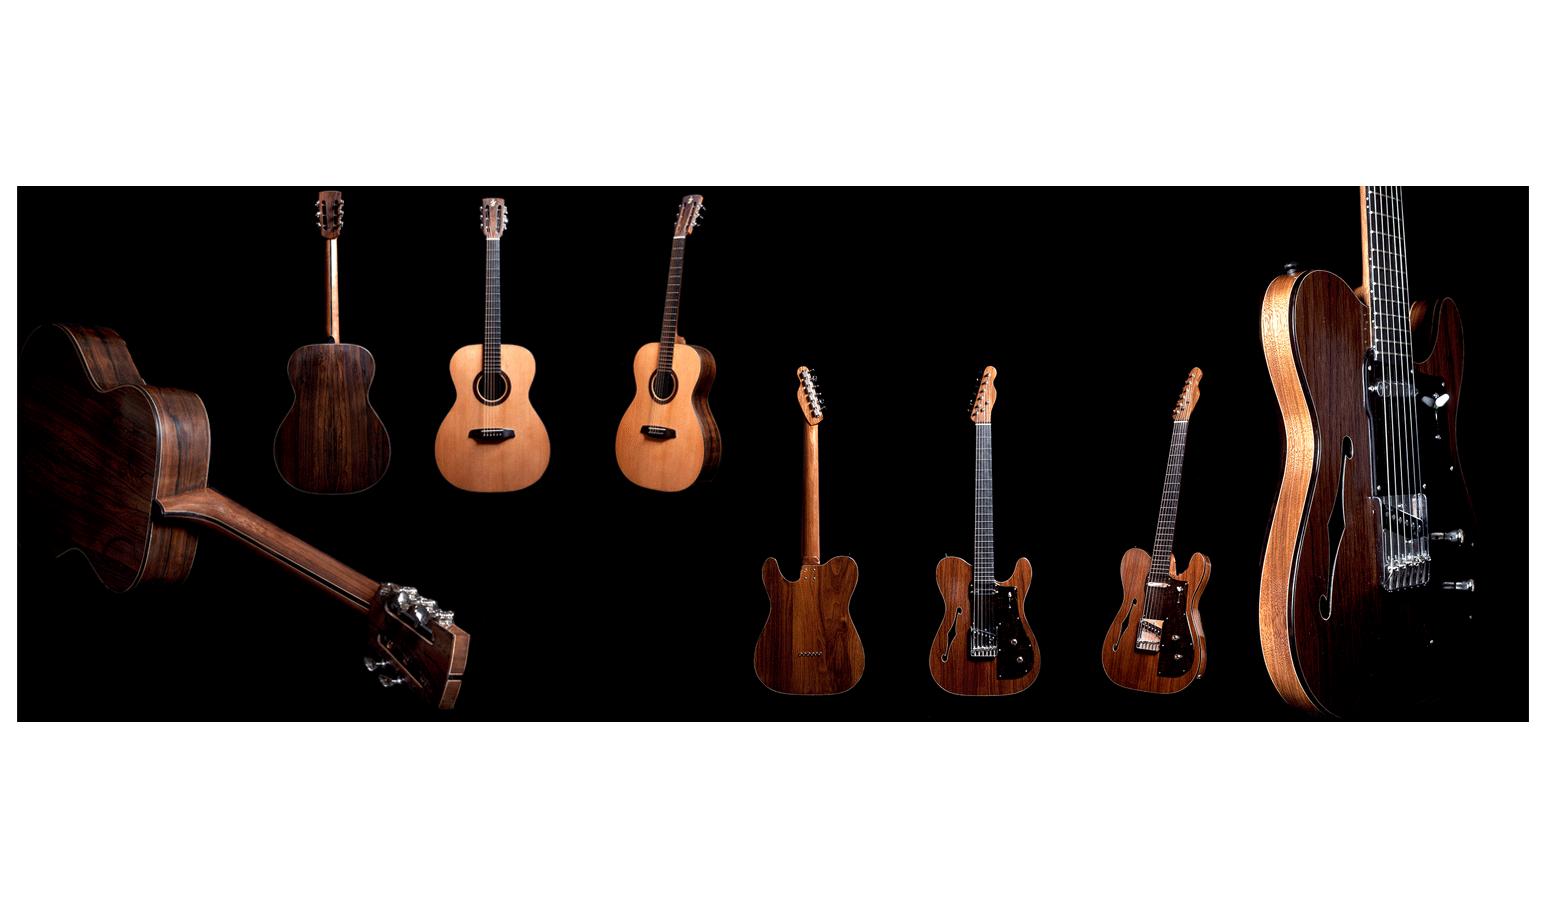 Jeppe Gooskens custom guitars - 2016